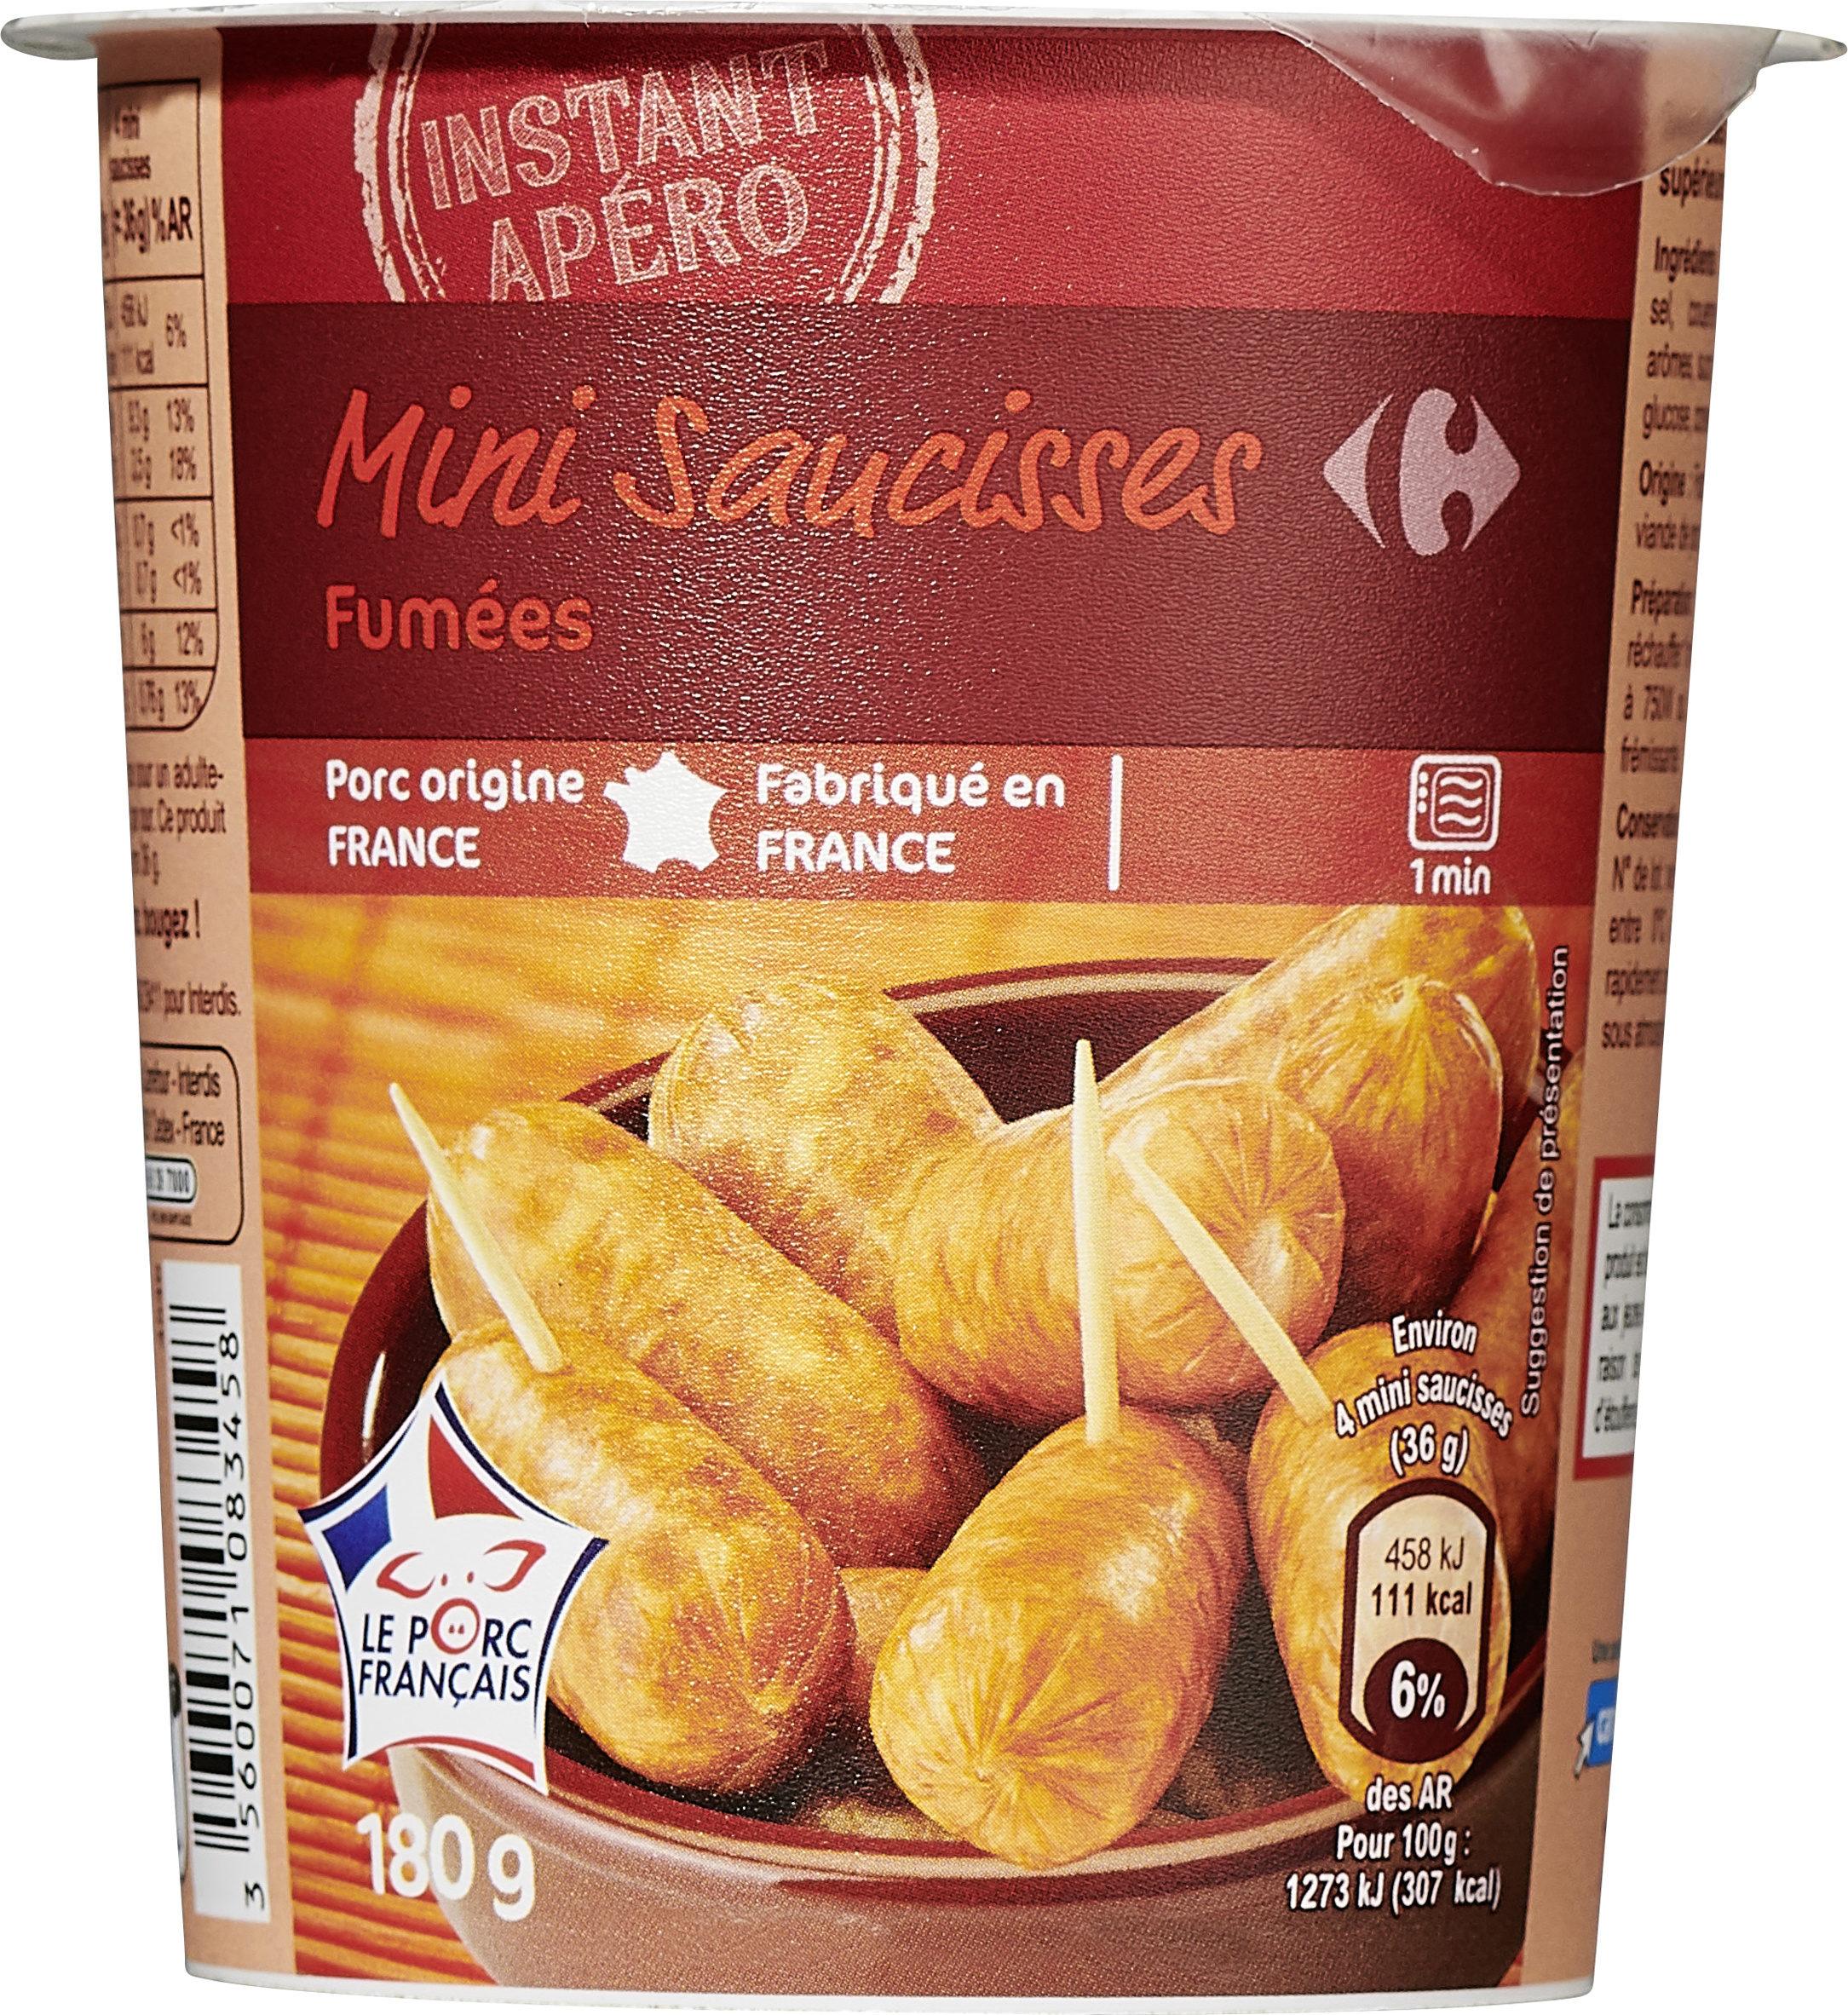 Mini Saucisses fumées - Produit - fr